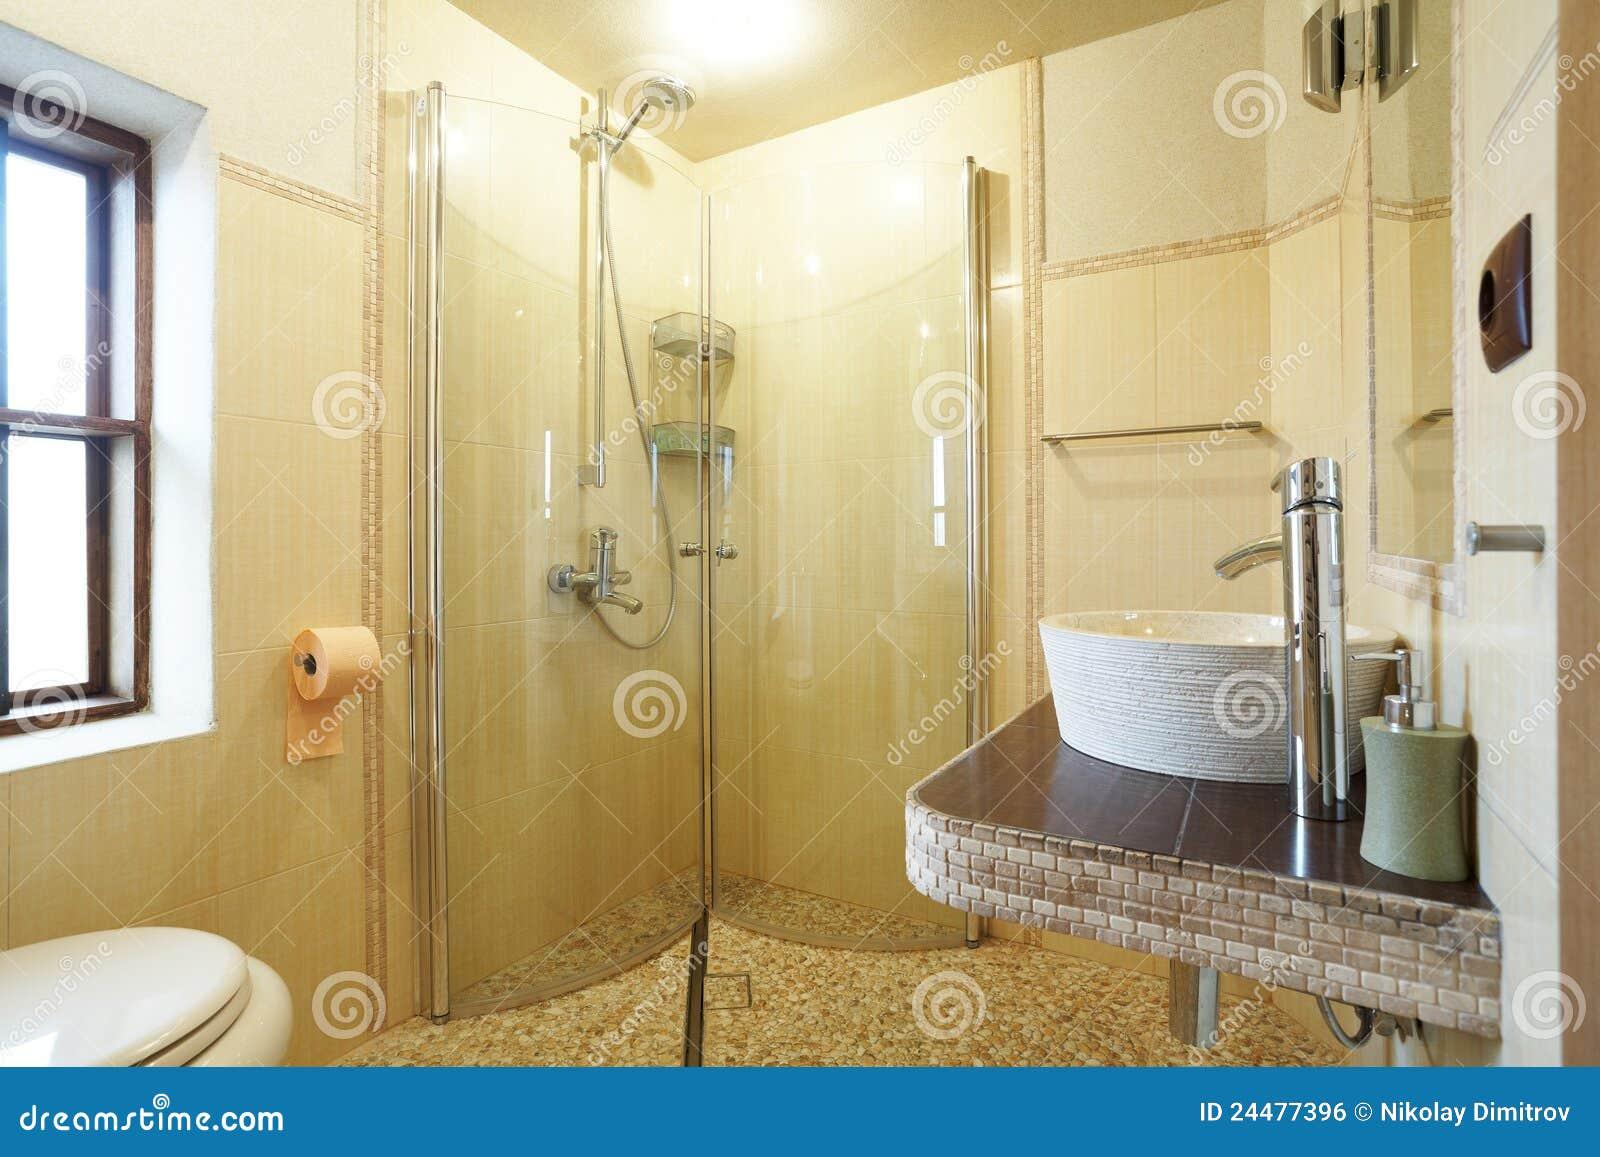 Baños Amarillos Pequenos:Cuarto De Baño Amarillo Moderno Imagen de archivo libre de regalías